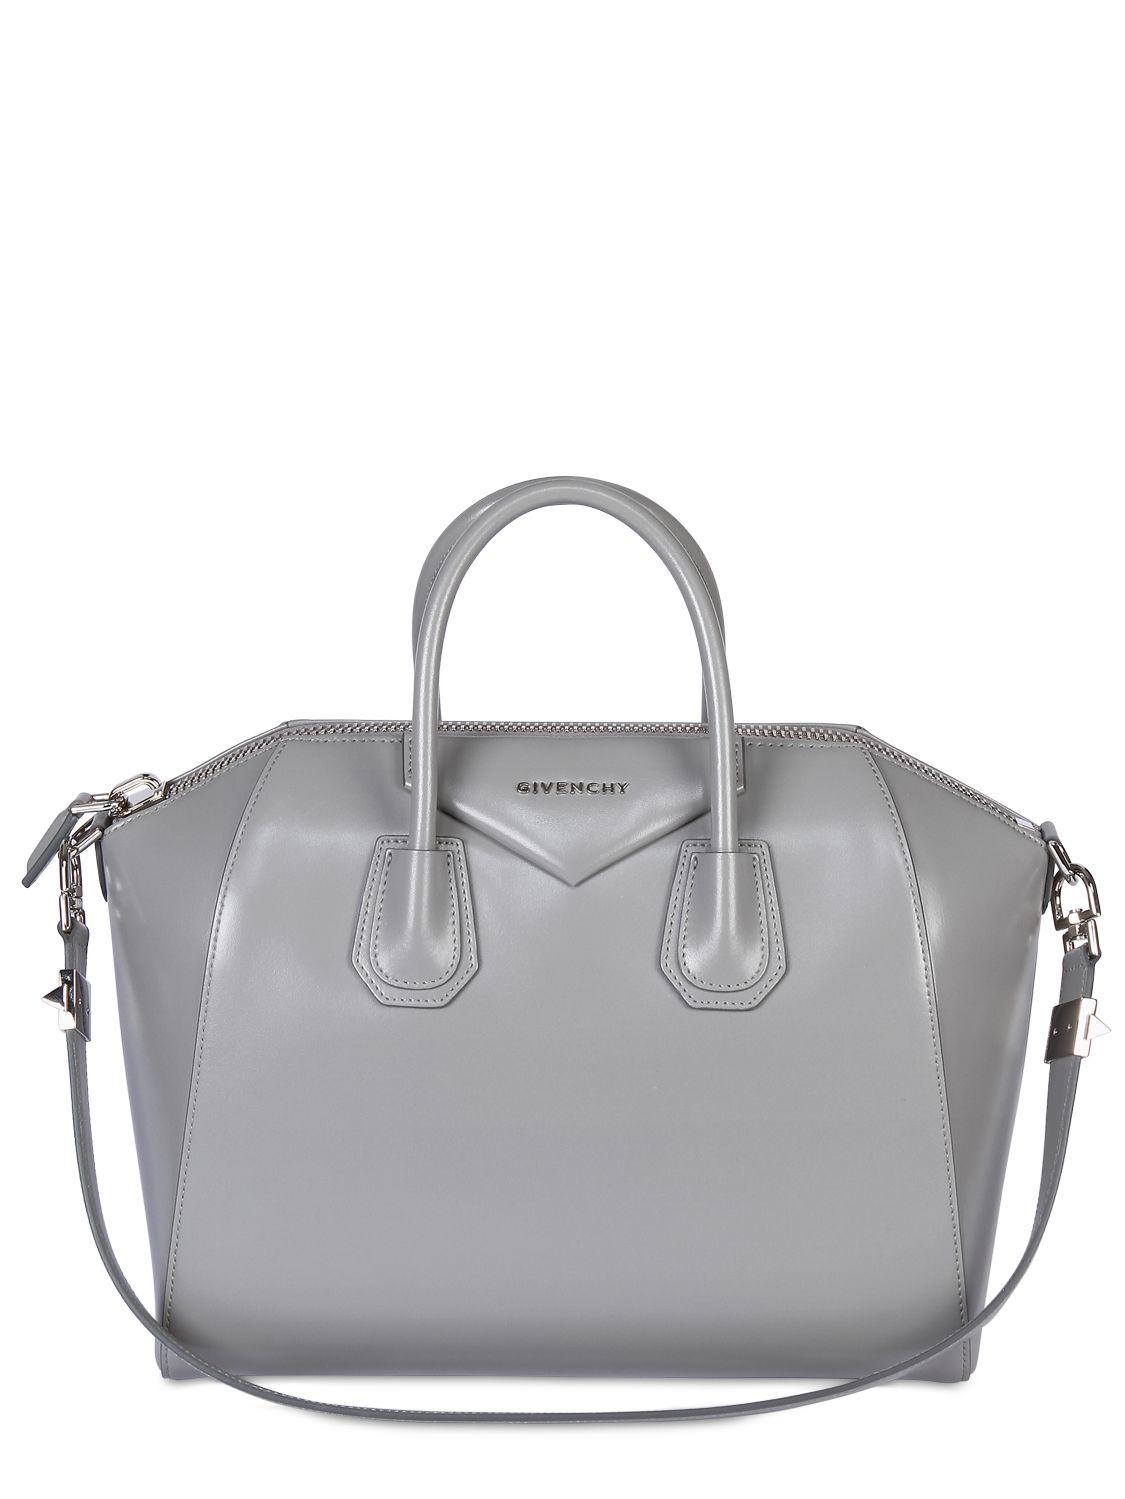 ddec896a00 Lyst - Givenchy Medium Antigona Shiny Smooth Leather Bag in Gray